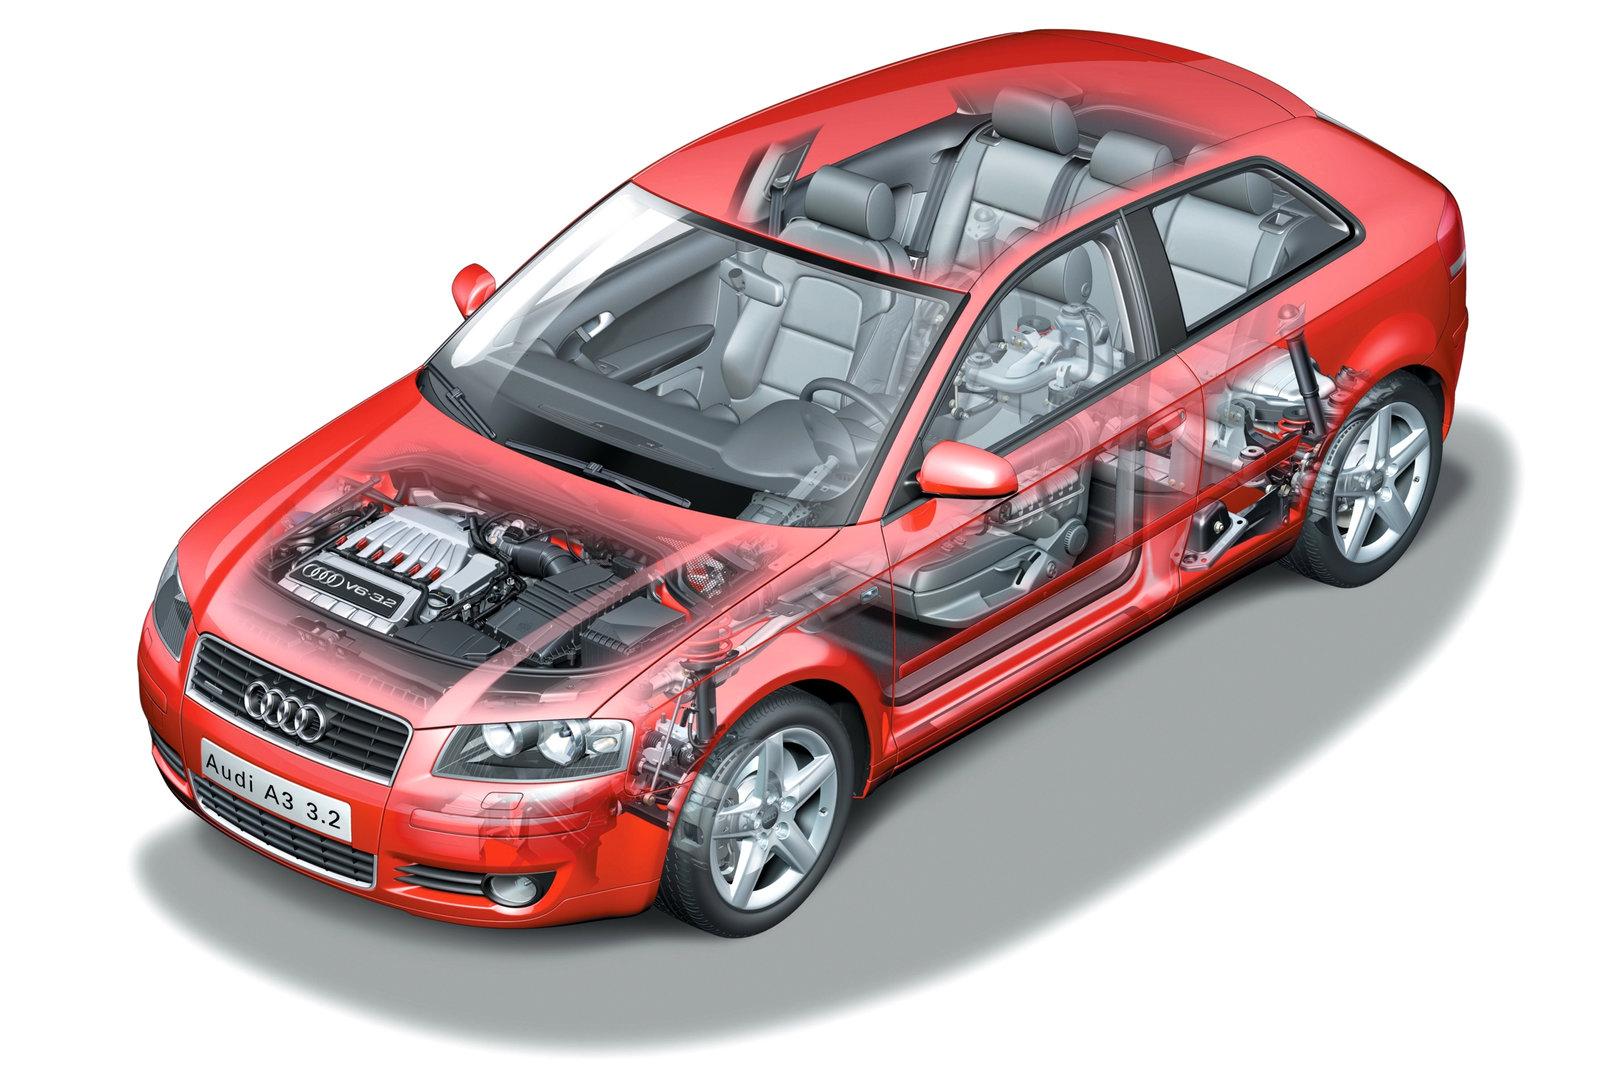 Audi A3 32 quattro 8P 5